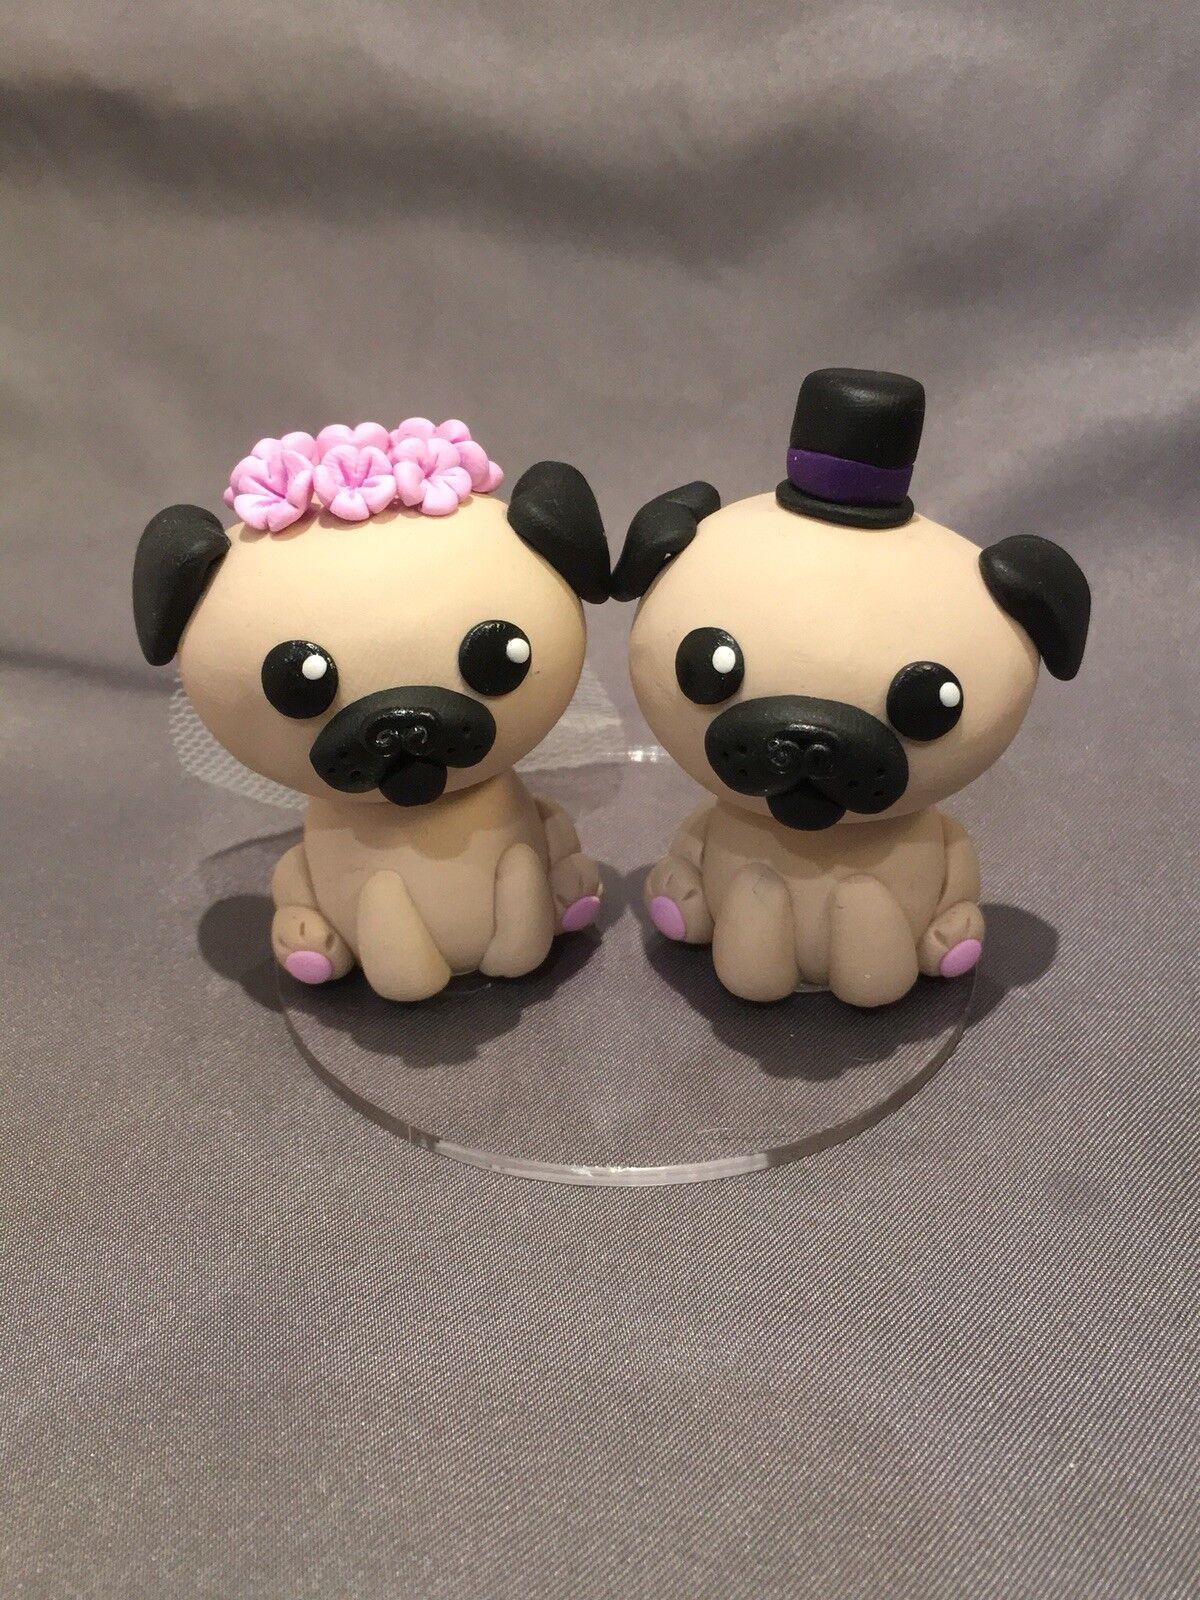 Fatto a mano Pugs WEDDING CAKE topper Sposa e Sposo Figurina per torta torta nuziale